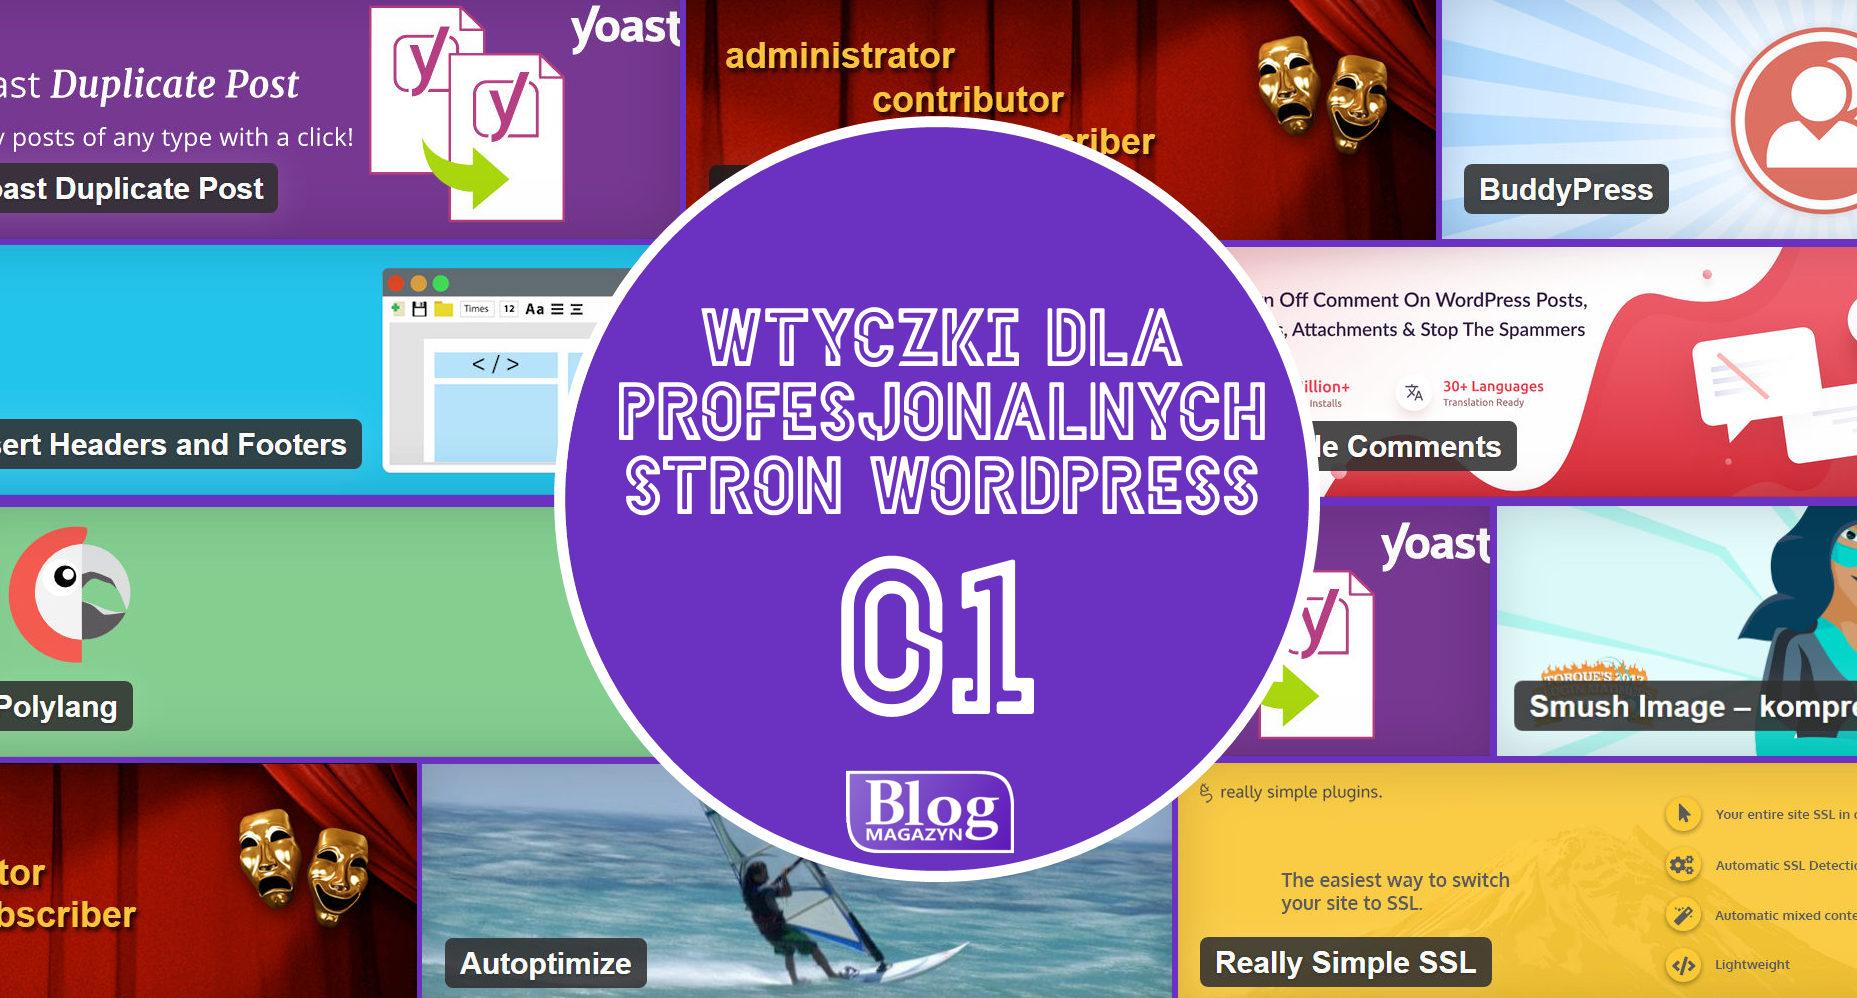 Niezbędne wtyczki dla profesjonalnych stron WordPress